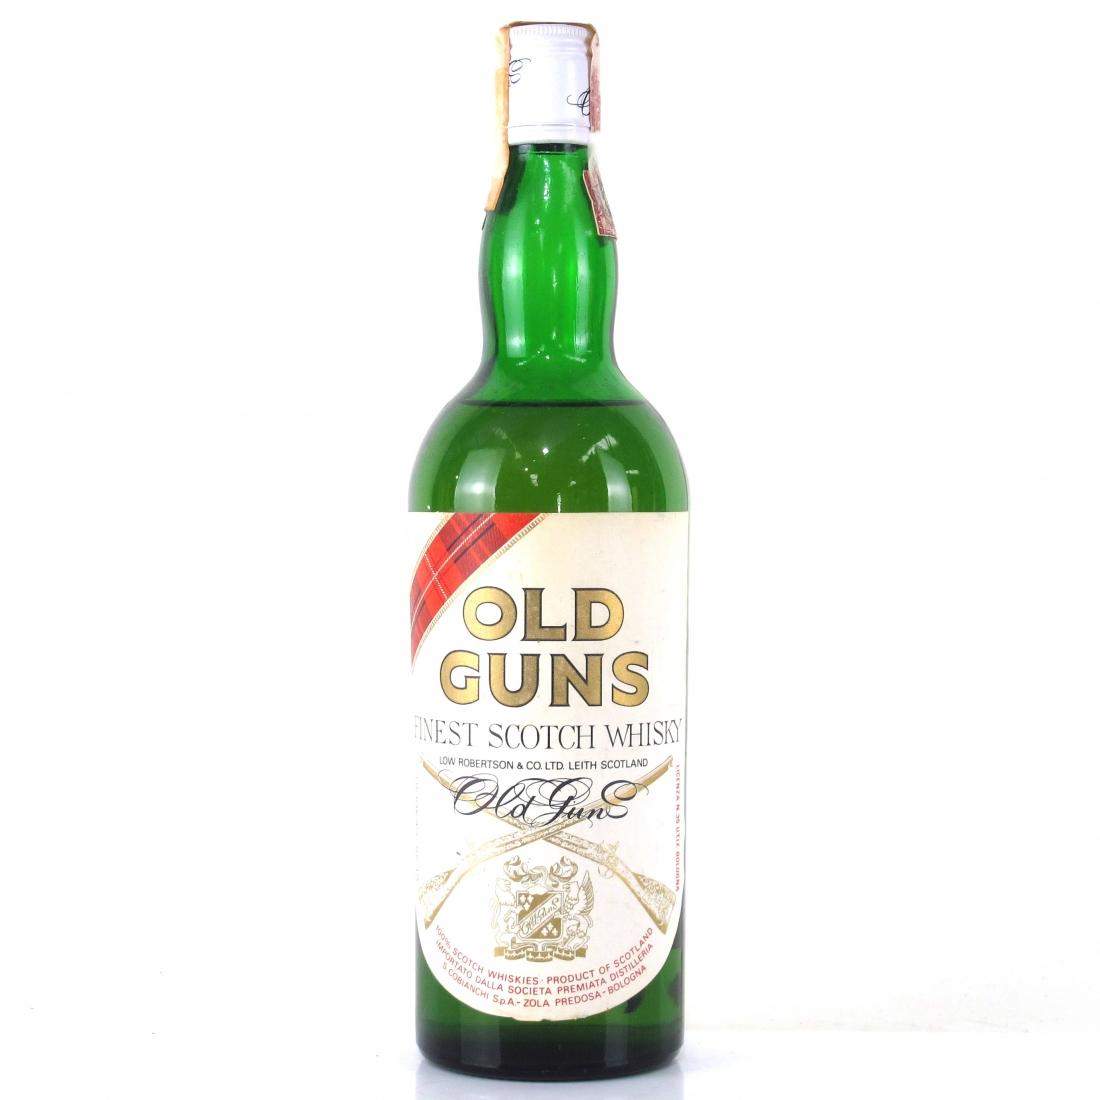 Old Guns Finest Scotch Whisky 1970s